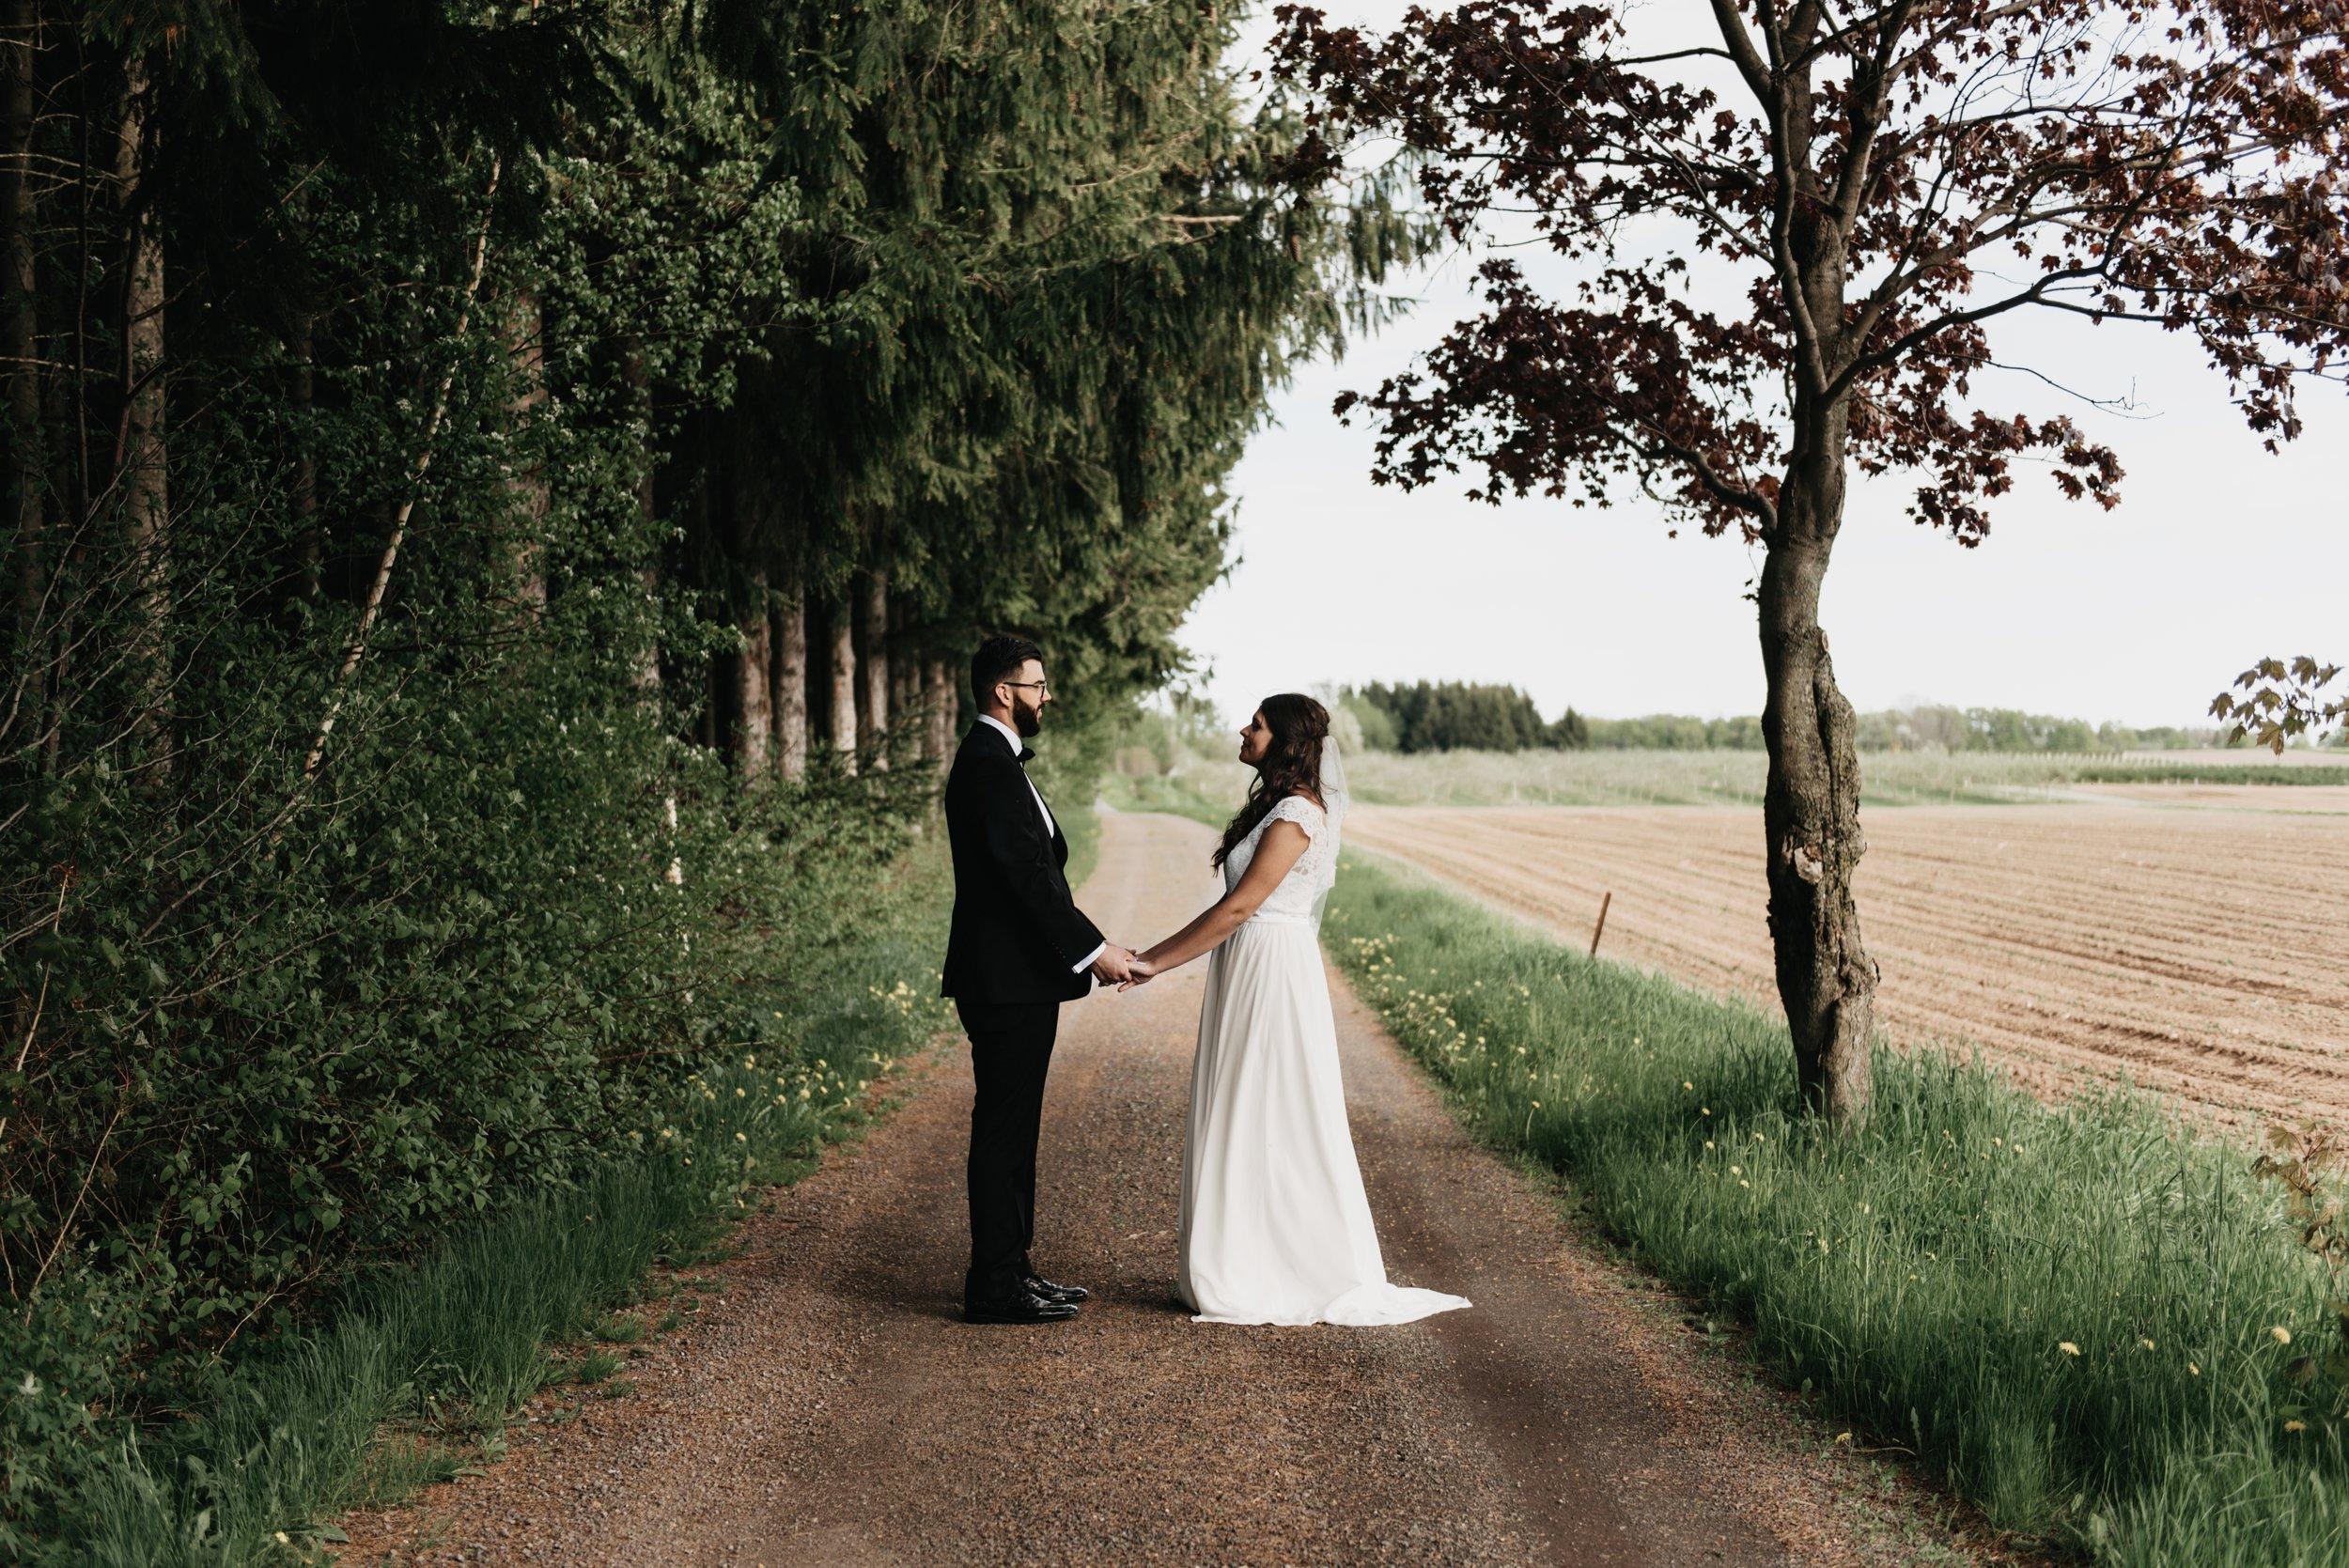 mariage anne pierre 00005.jpg